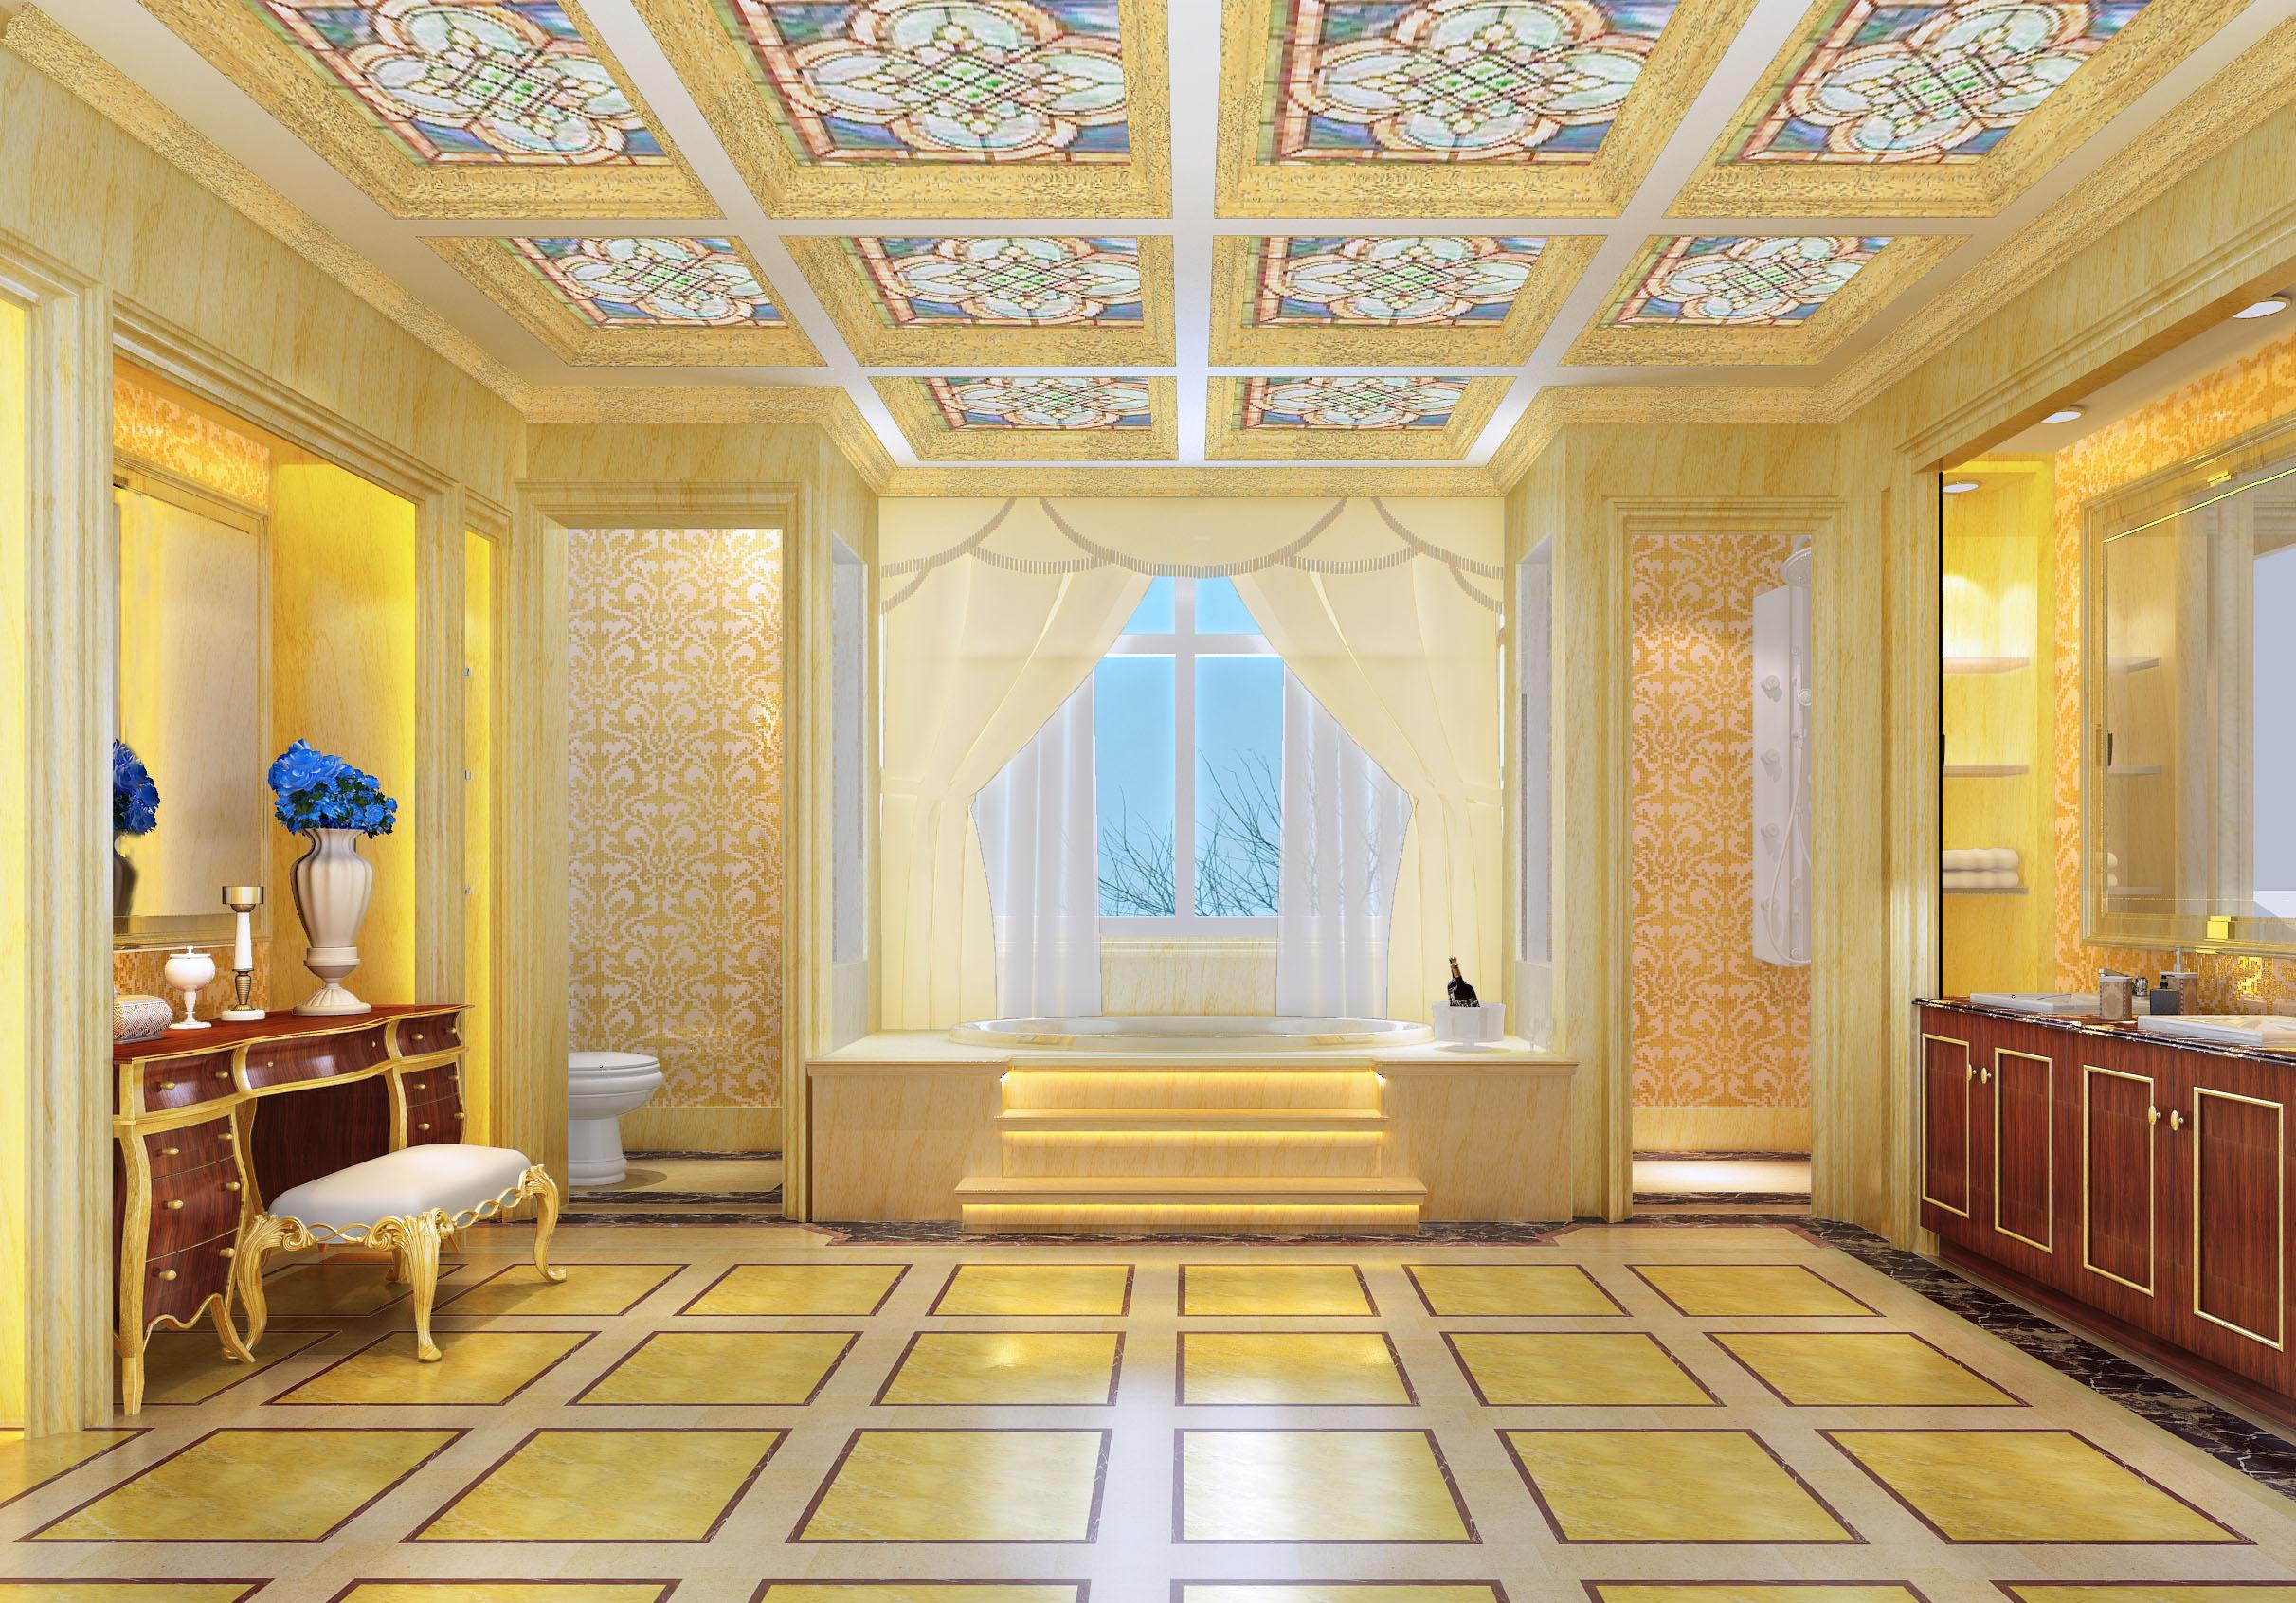 欧式 别墅 蓝色 金色 童话 大门厅 法式 卫生间图片来自尚层装饰大林在格拉斯小镇--浅色的梦的分享